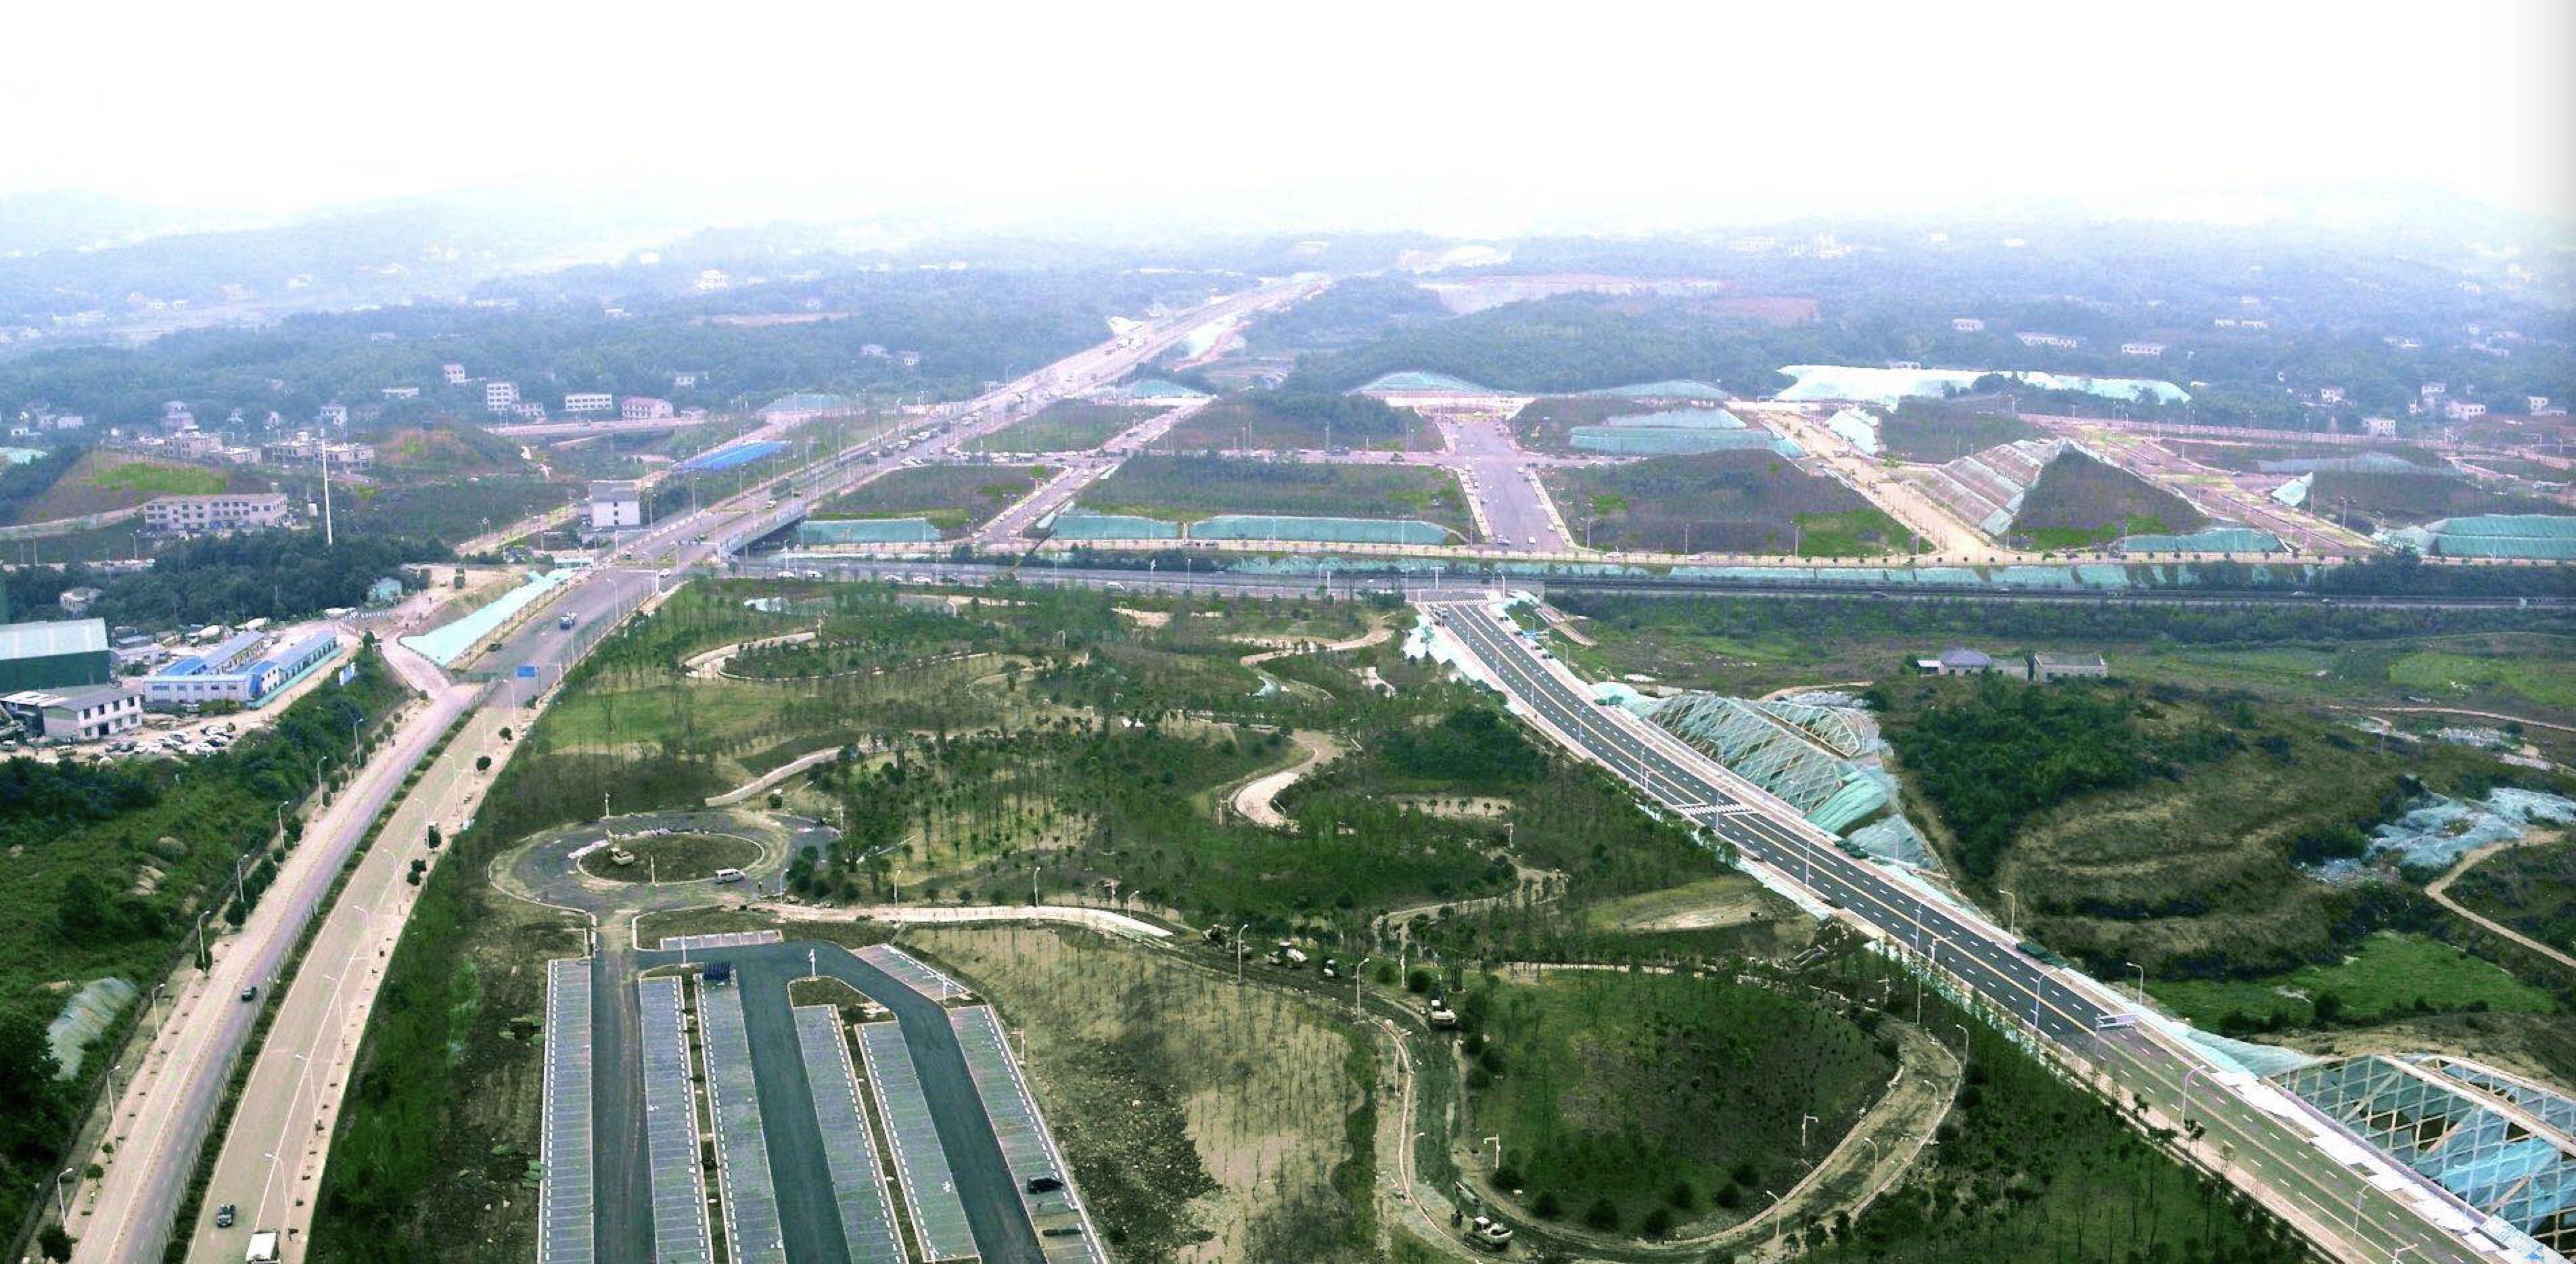 湘江新区智能系统测试区航拍图